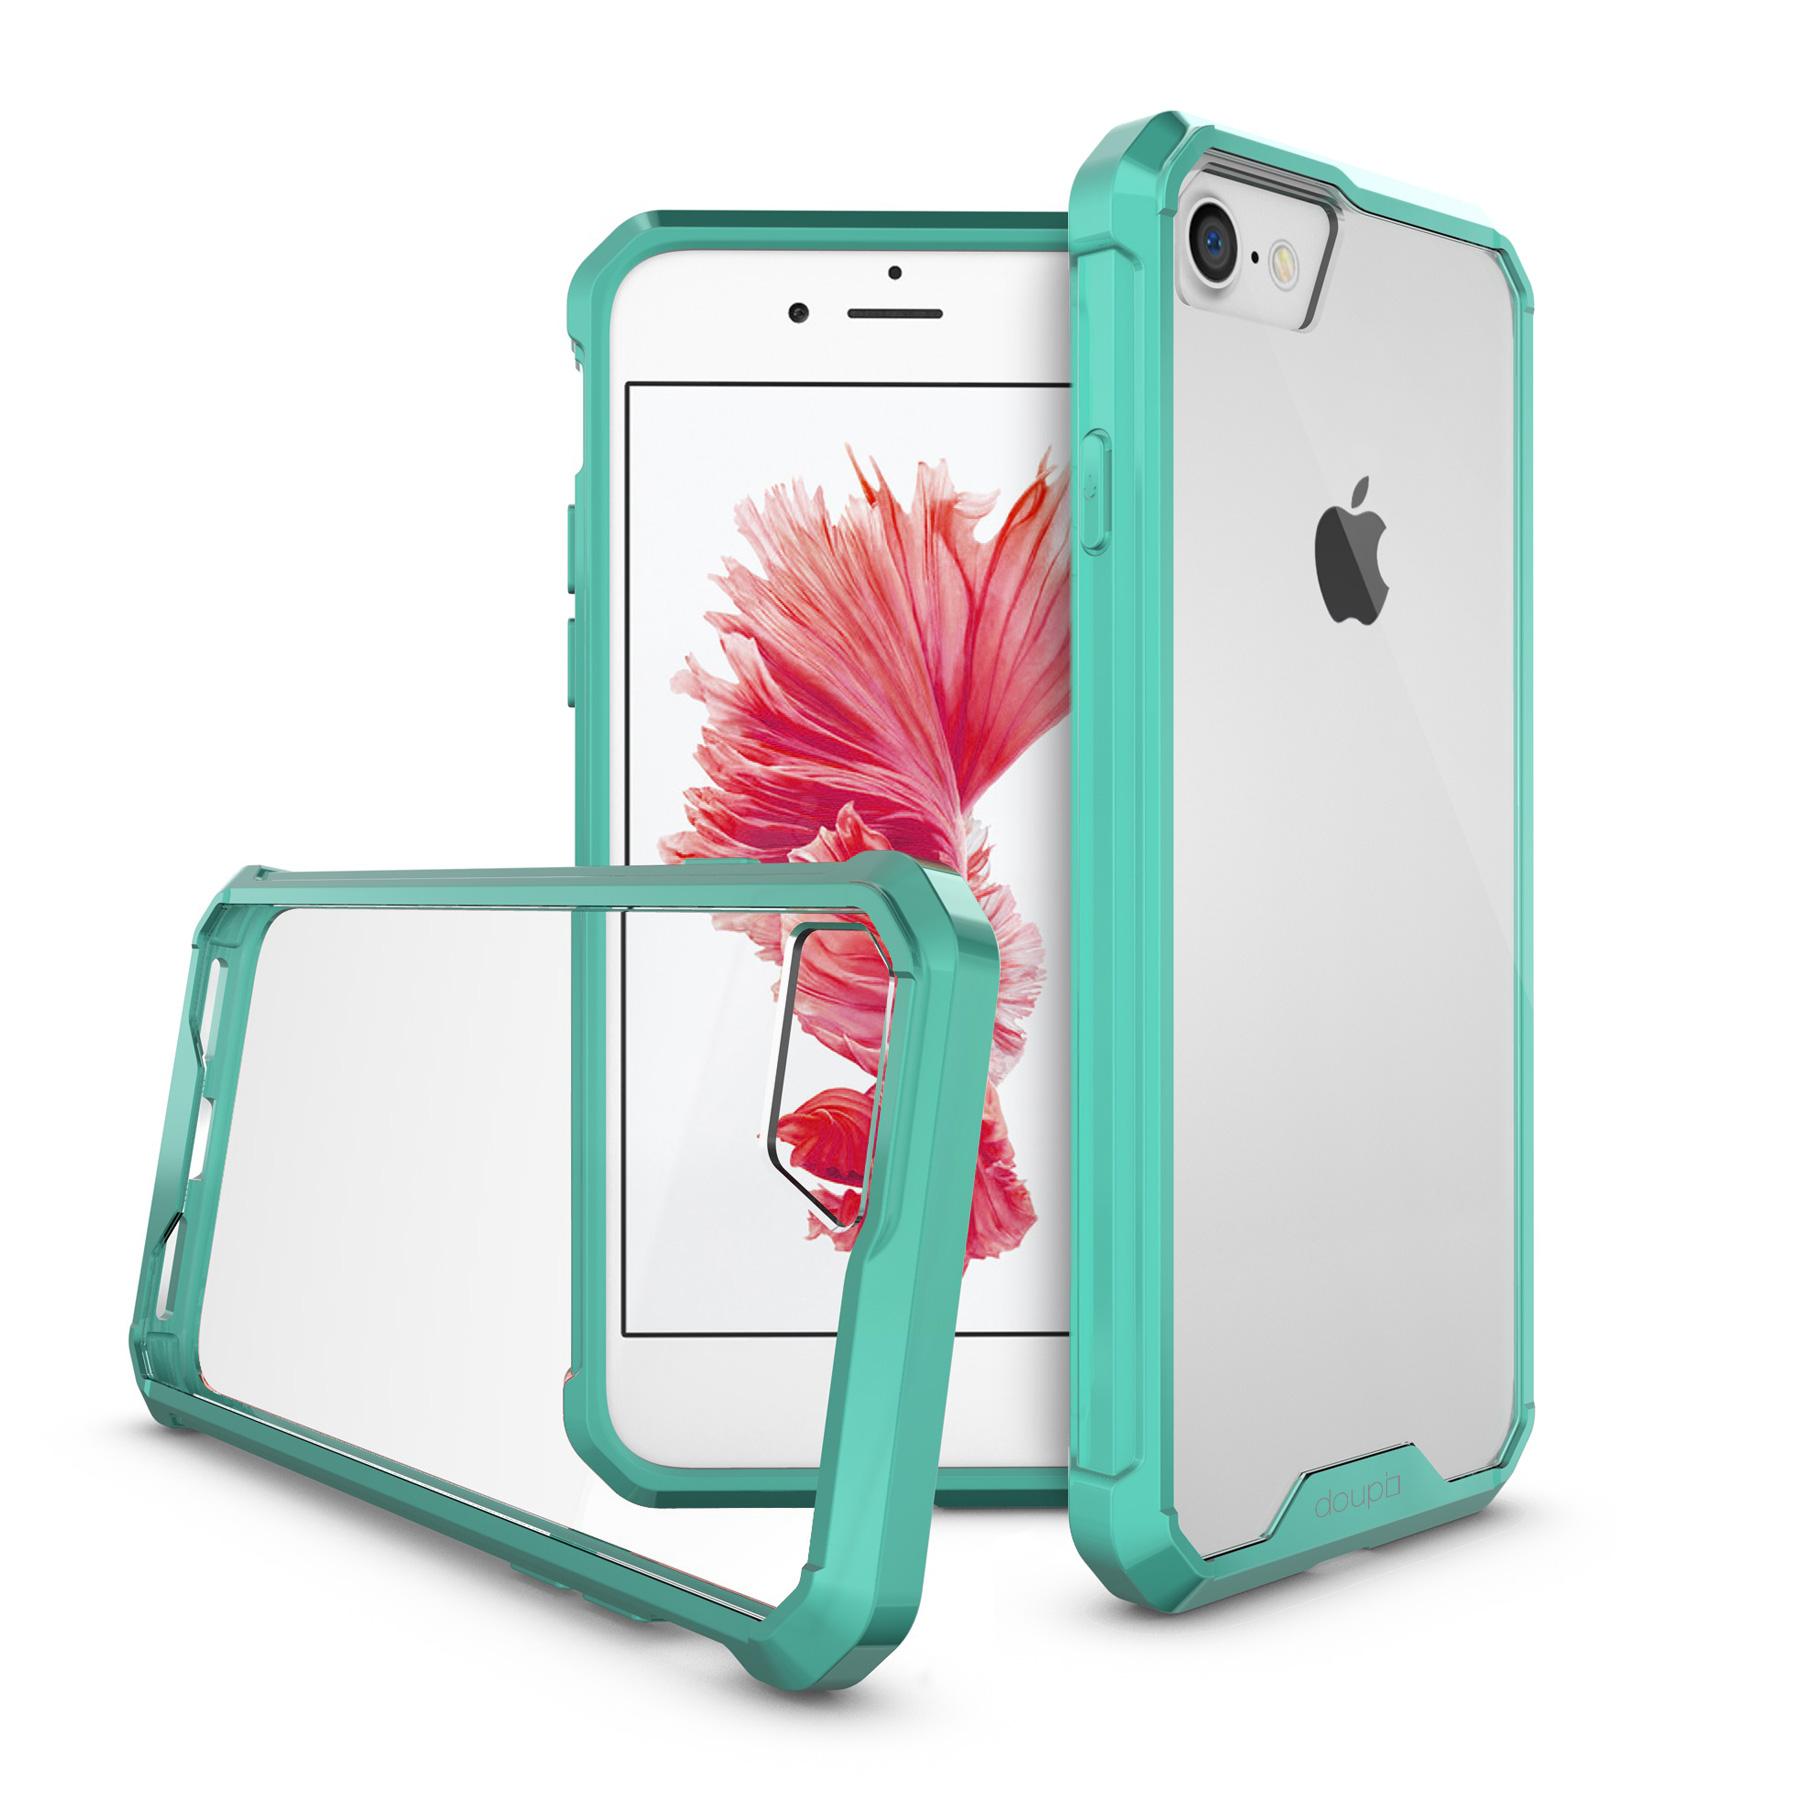 AirClear-Case-iPhone-8-7-4-7-034-Rueckschale-Bumper-Rahmen-Schutz-Huelle-Folie Indexbild 9